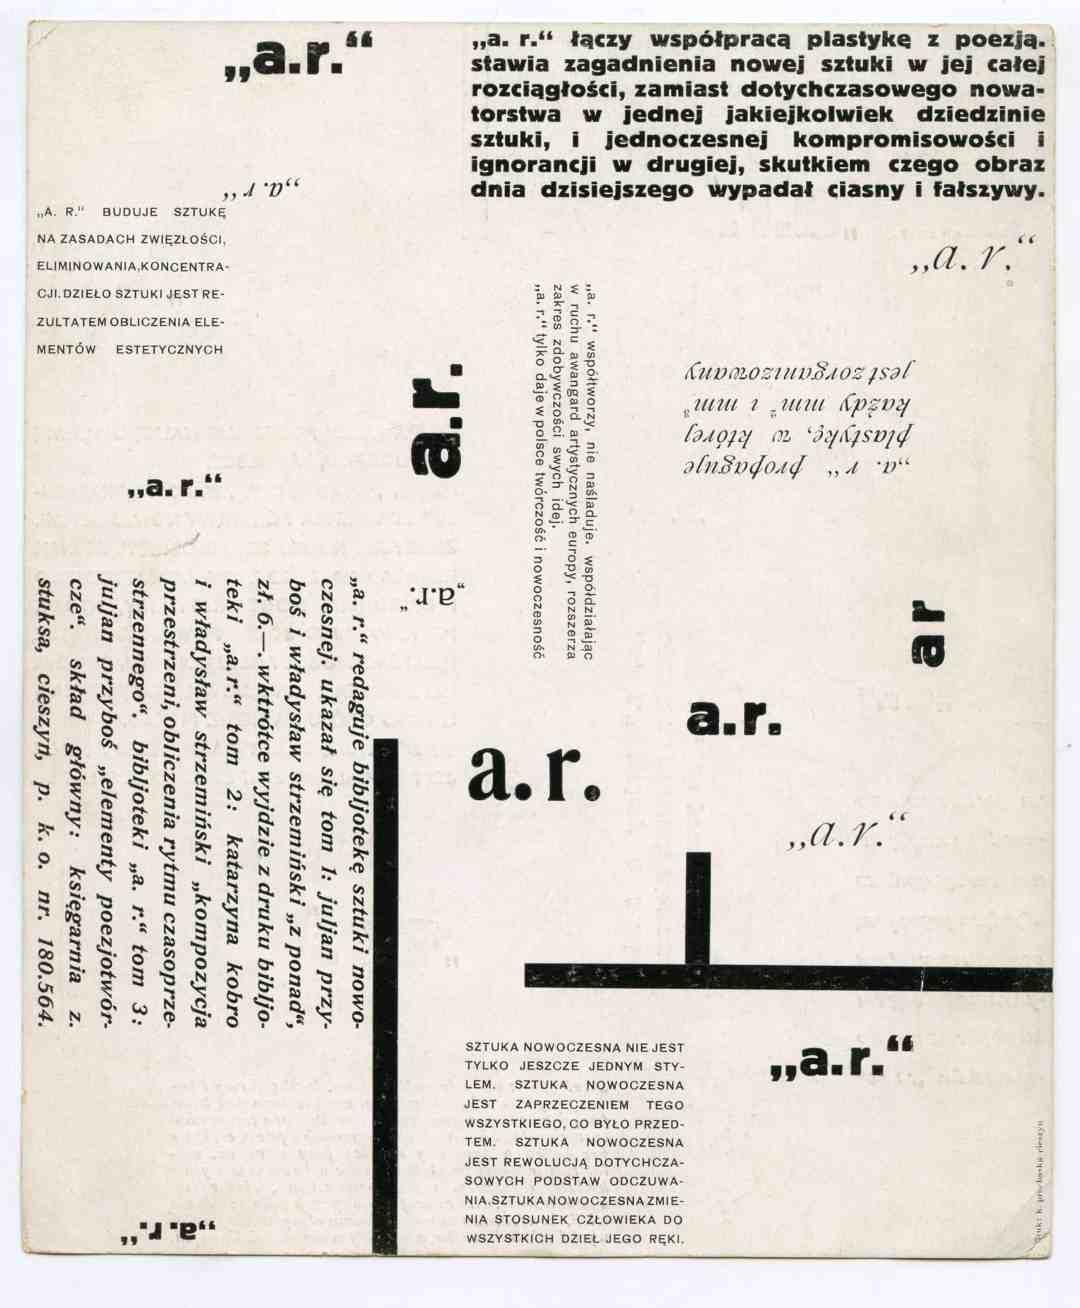 """Wladyslaw Strzeminski (projet graphique) Komunikat grupy """"a.r."""" no. 1 Communiqué du groupe """"a.r."""" no 1 Cieszyn 1930 Archive of Muzeum Sztuki, Lodz ©Muzeum Sztuki, Lodz & Ewa Sapka-Pawliczak"""